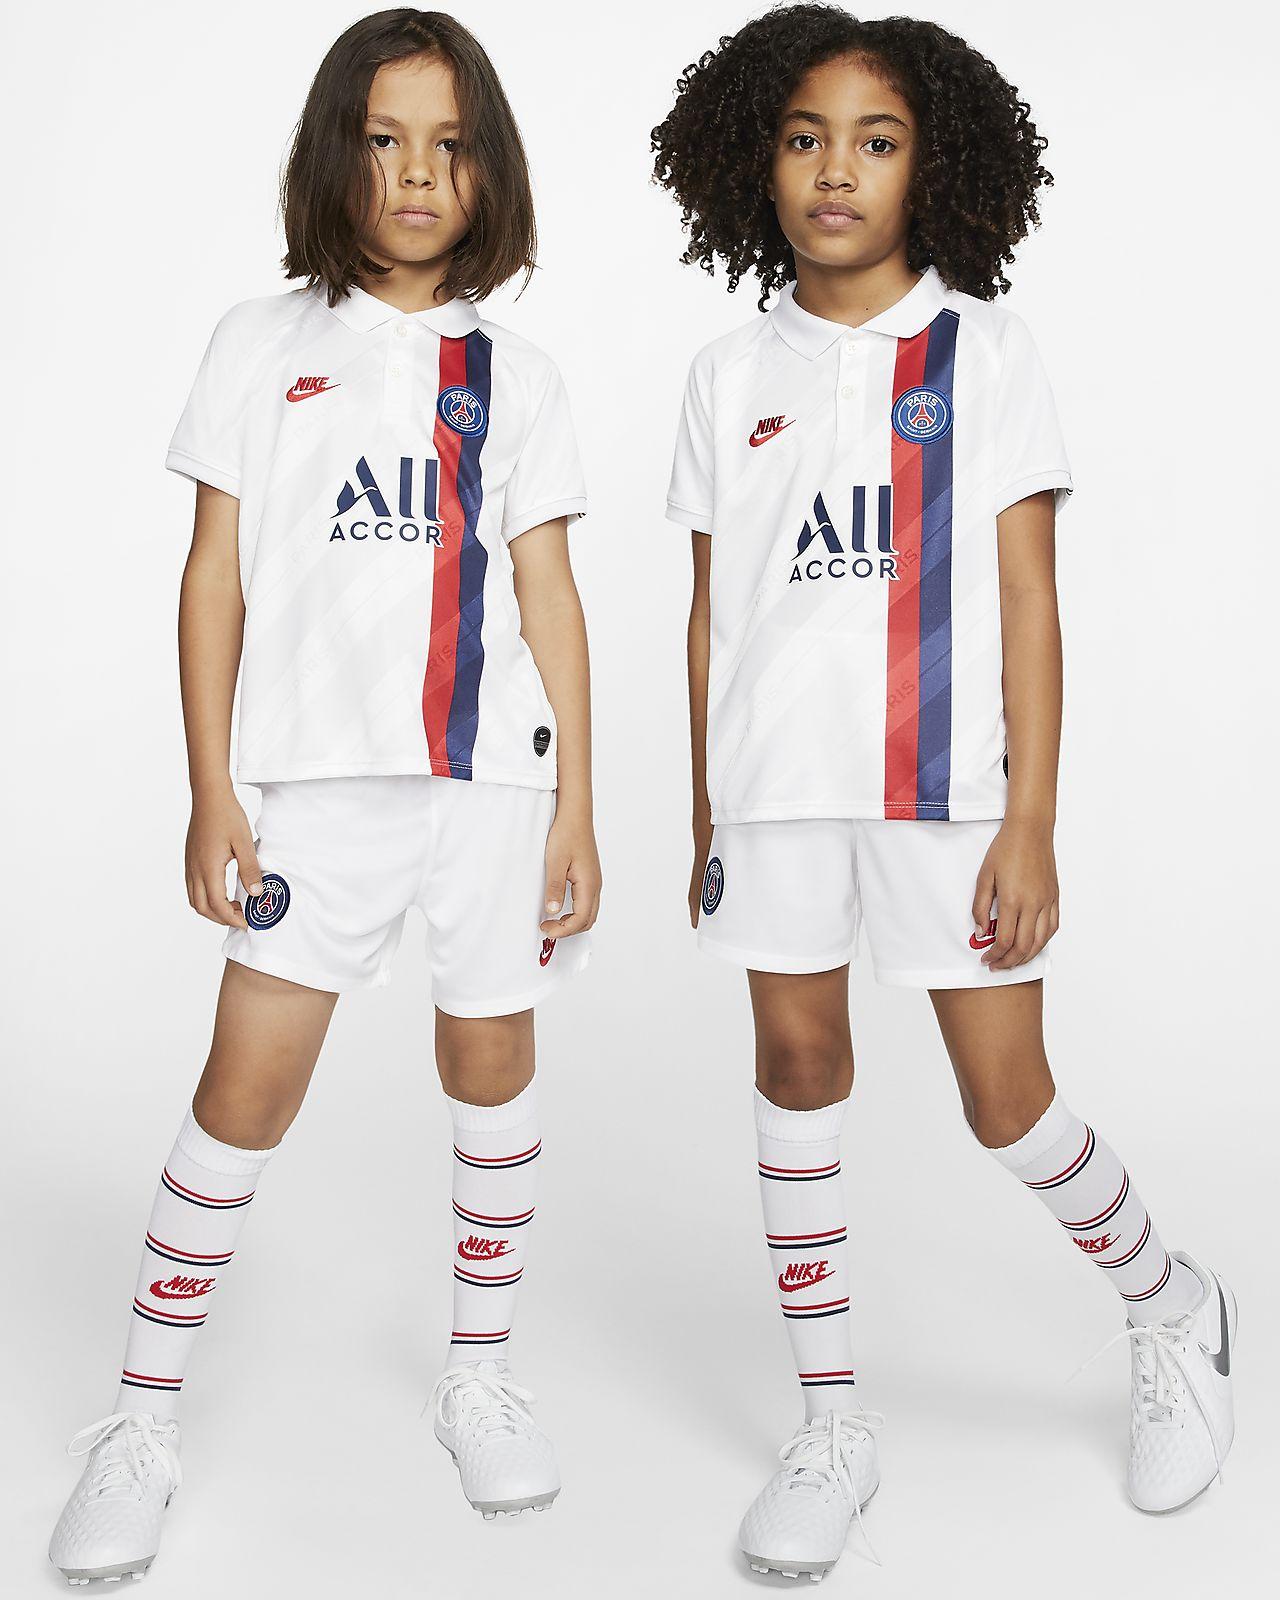 Kit de fútbol alternativo para niños talla pequeña del Paris Saint-Germain 2019/20